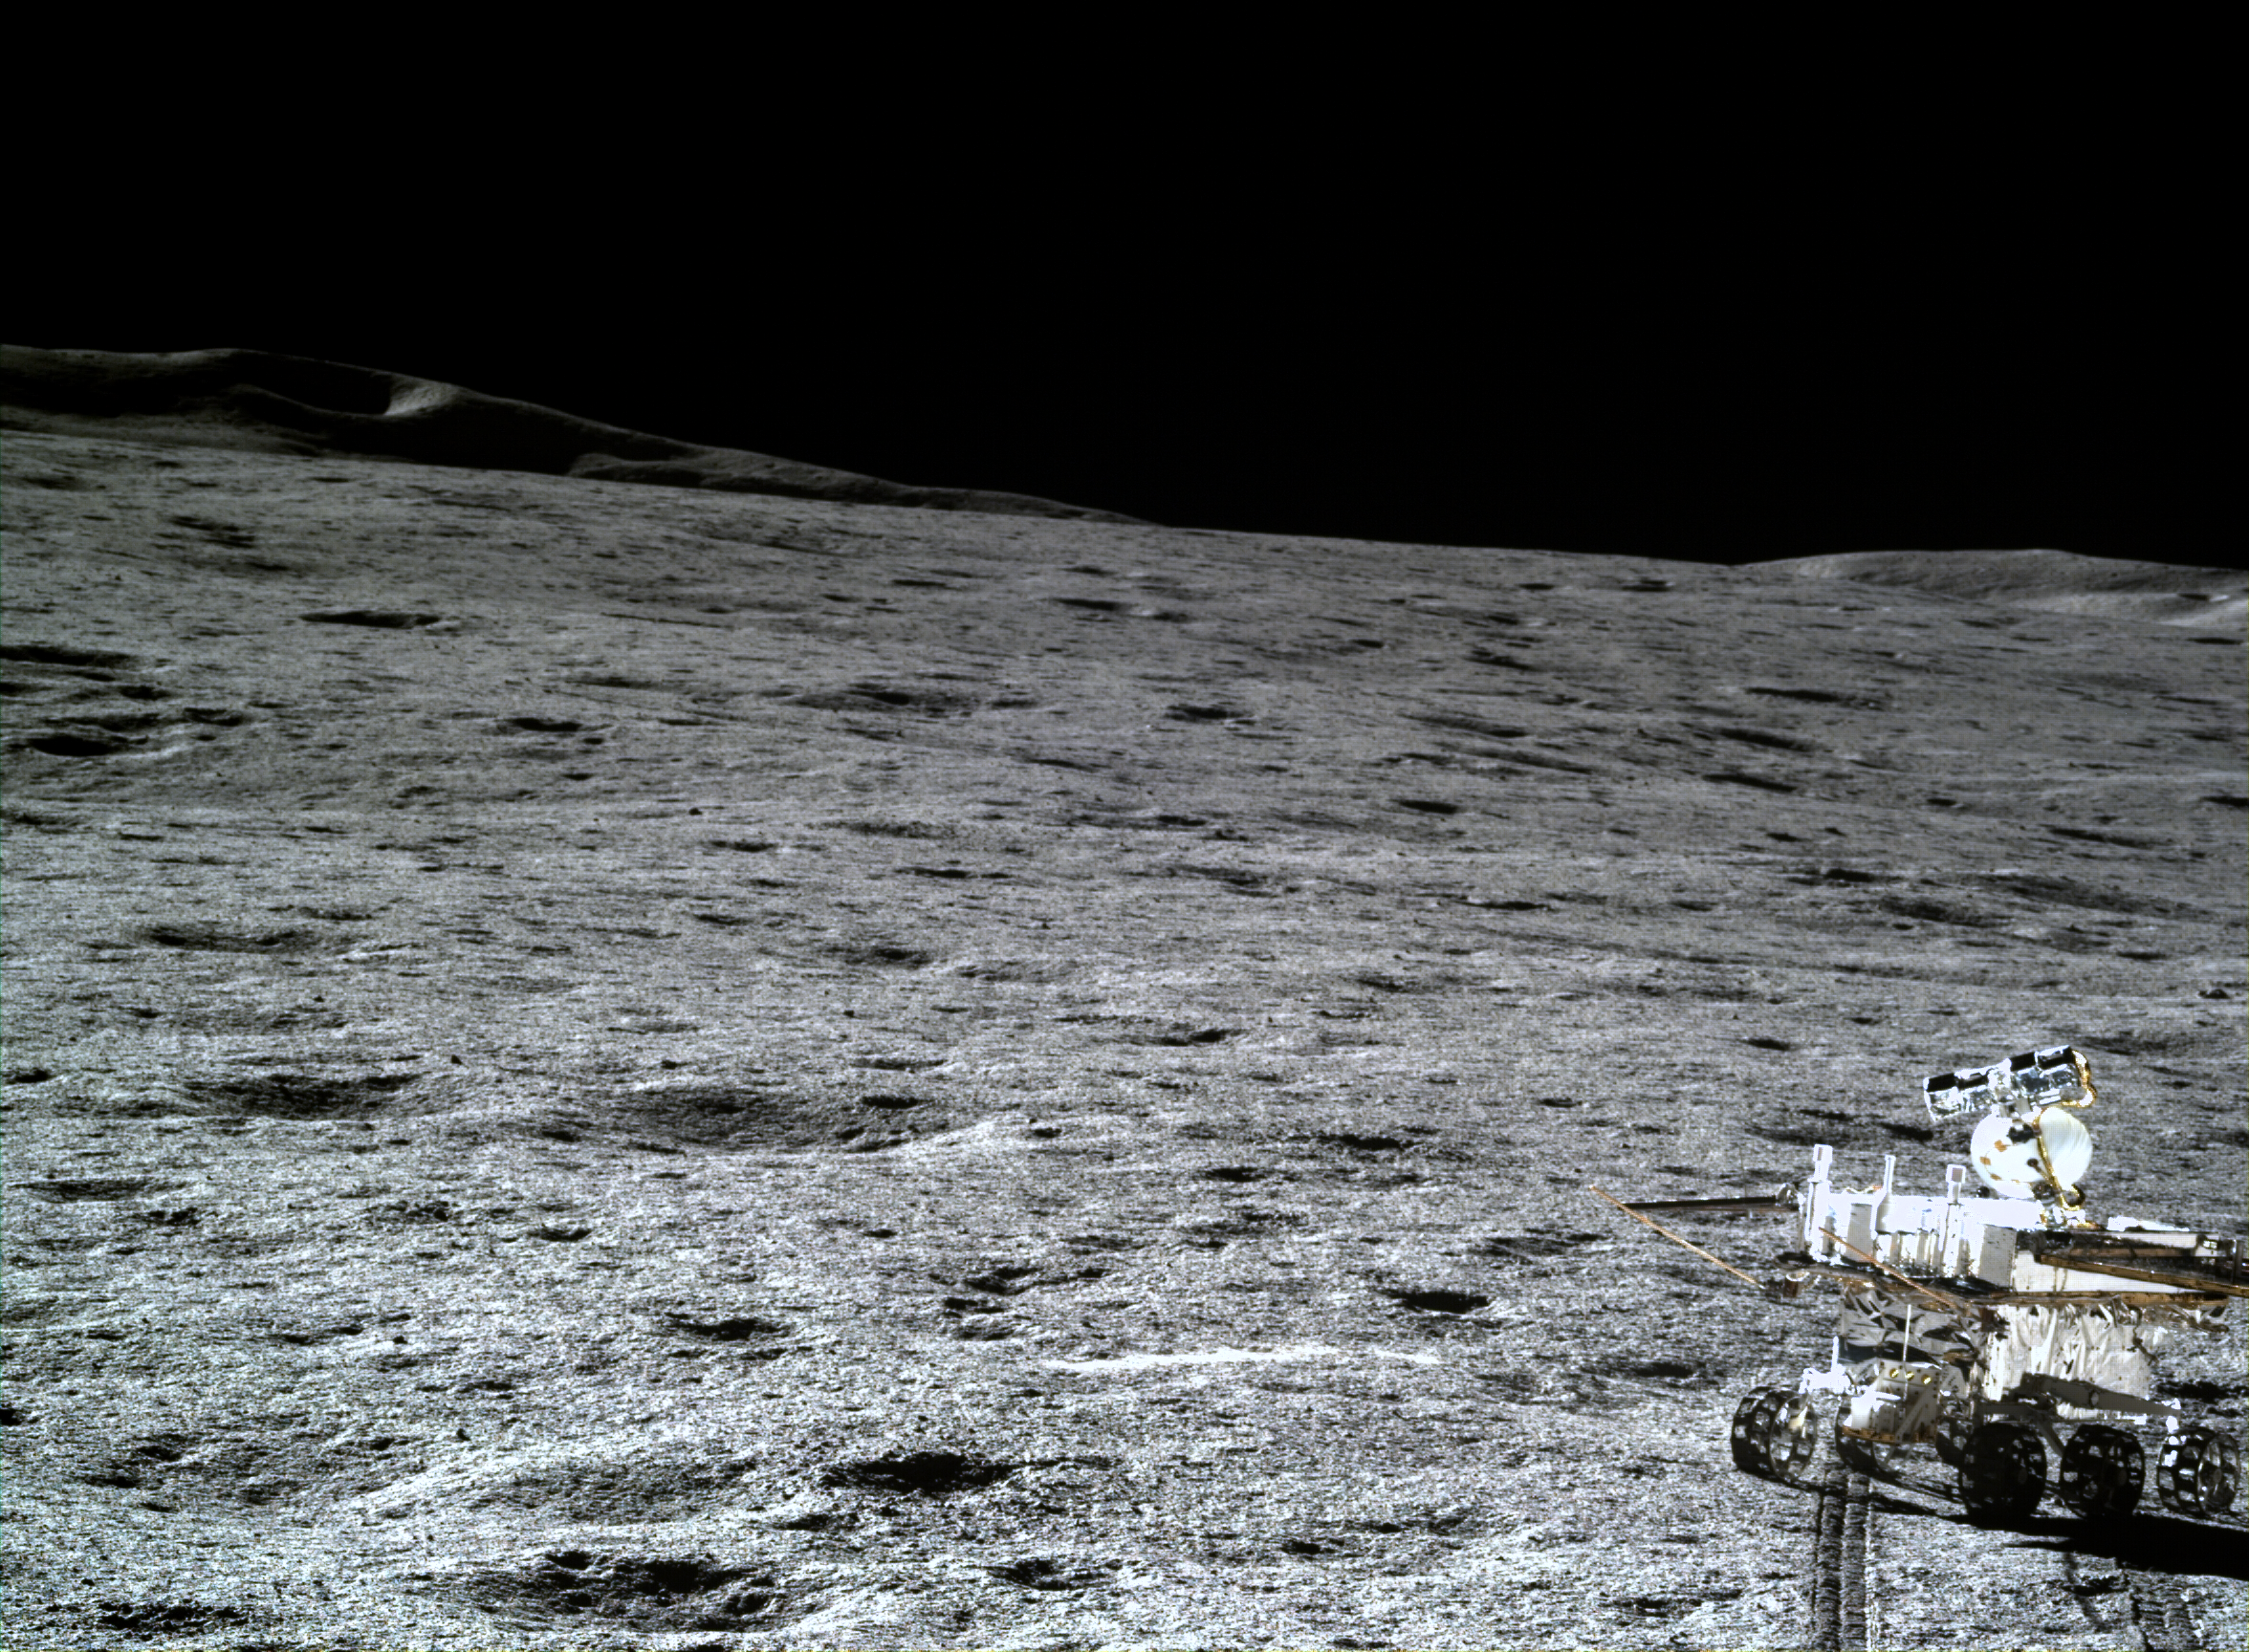 Una vista del paisaje lunar y el rover Yutu-2, tomada por el Chang